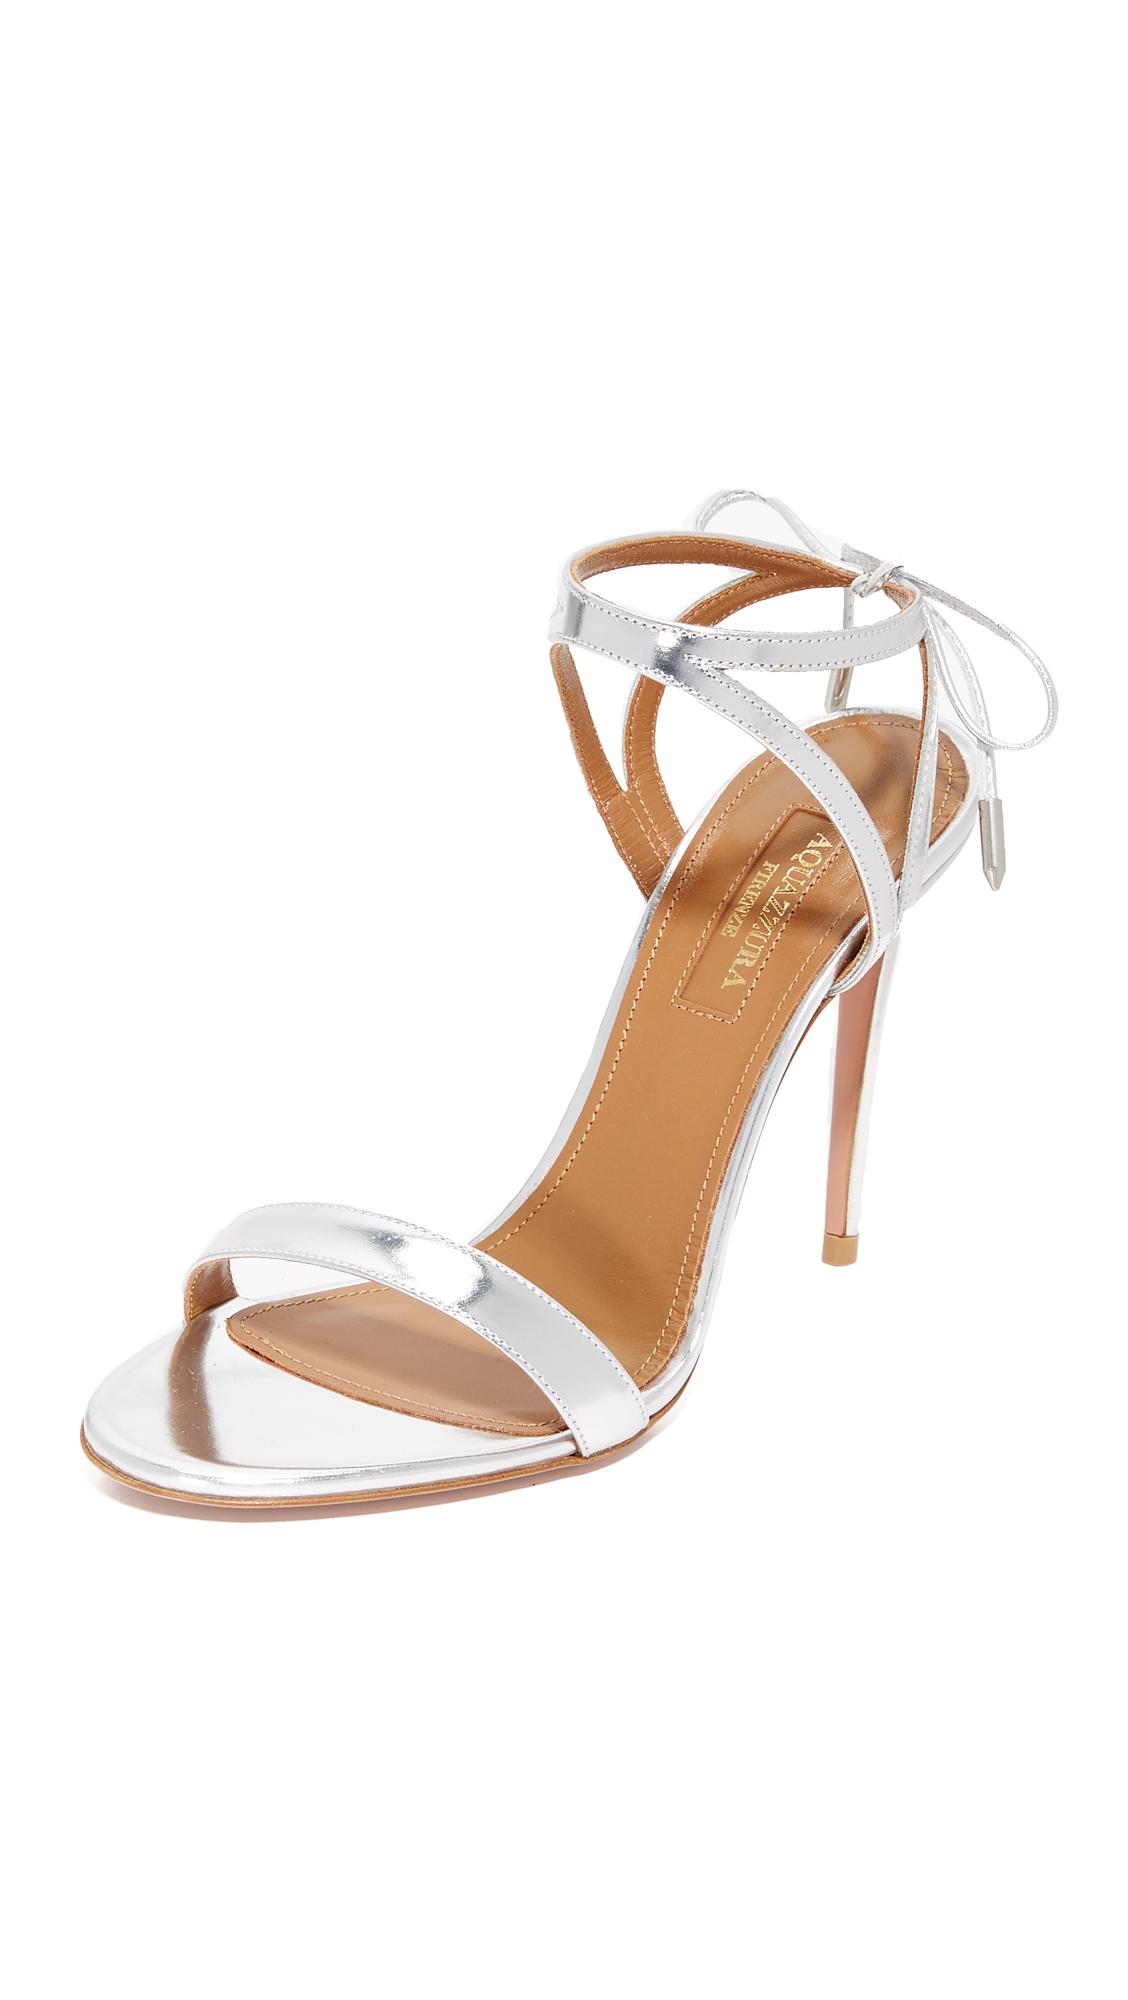 Aquazzura Uma Sandals - Silver